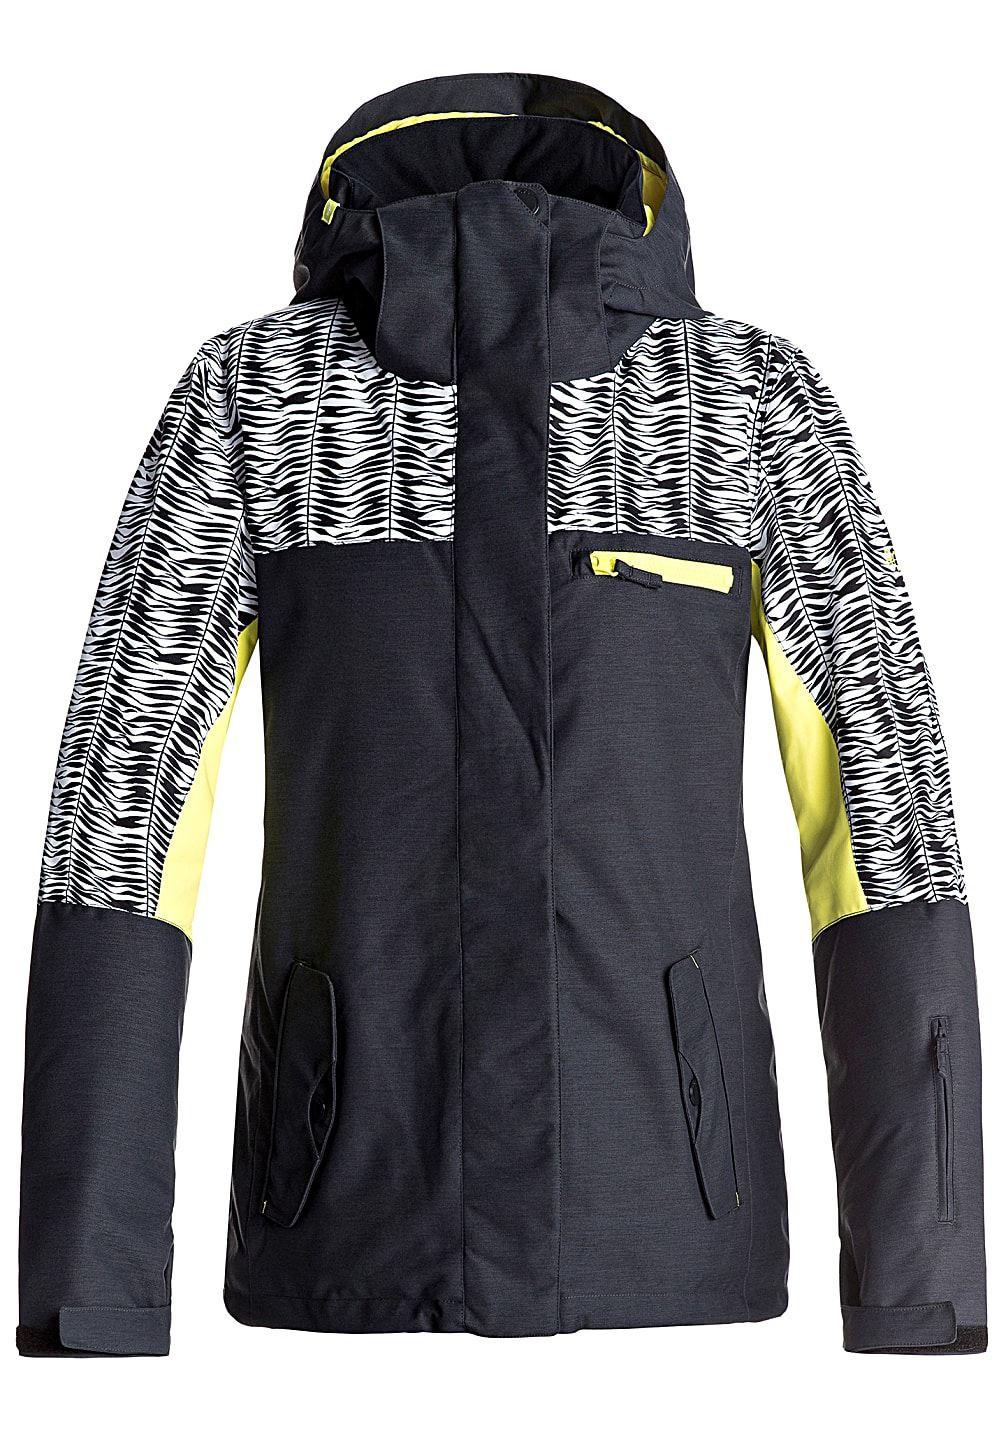 Roxy RX Jetty Blo Jacken frauen, Streetwear, Snowboard